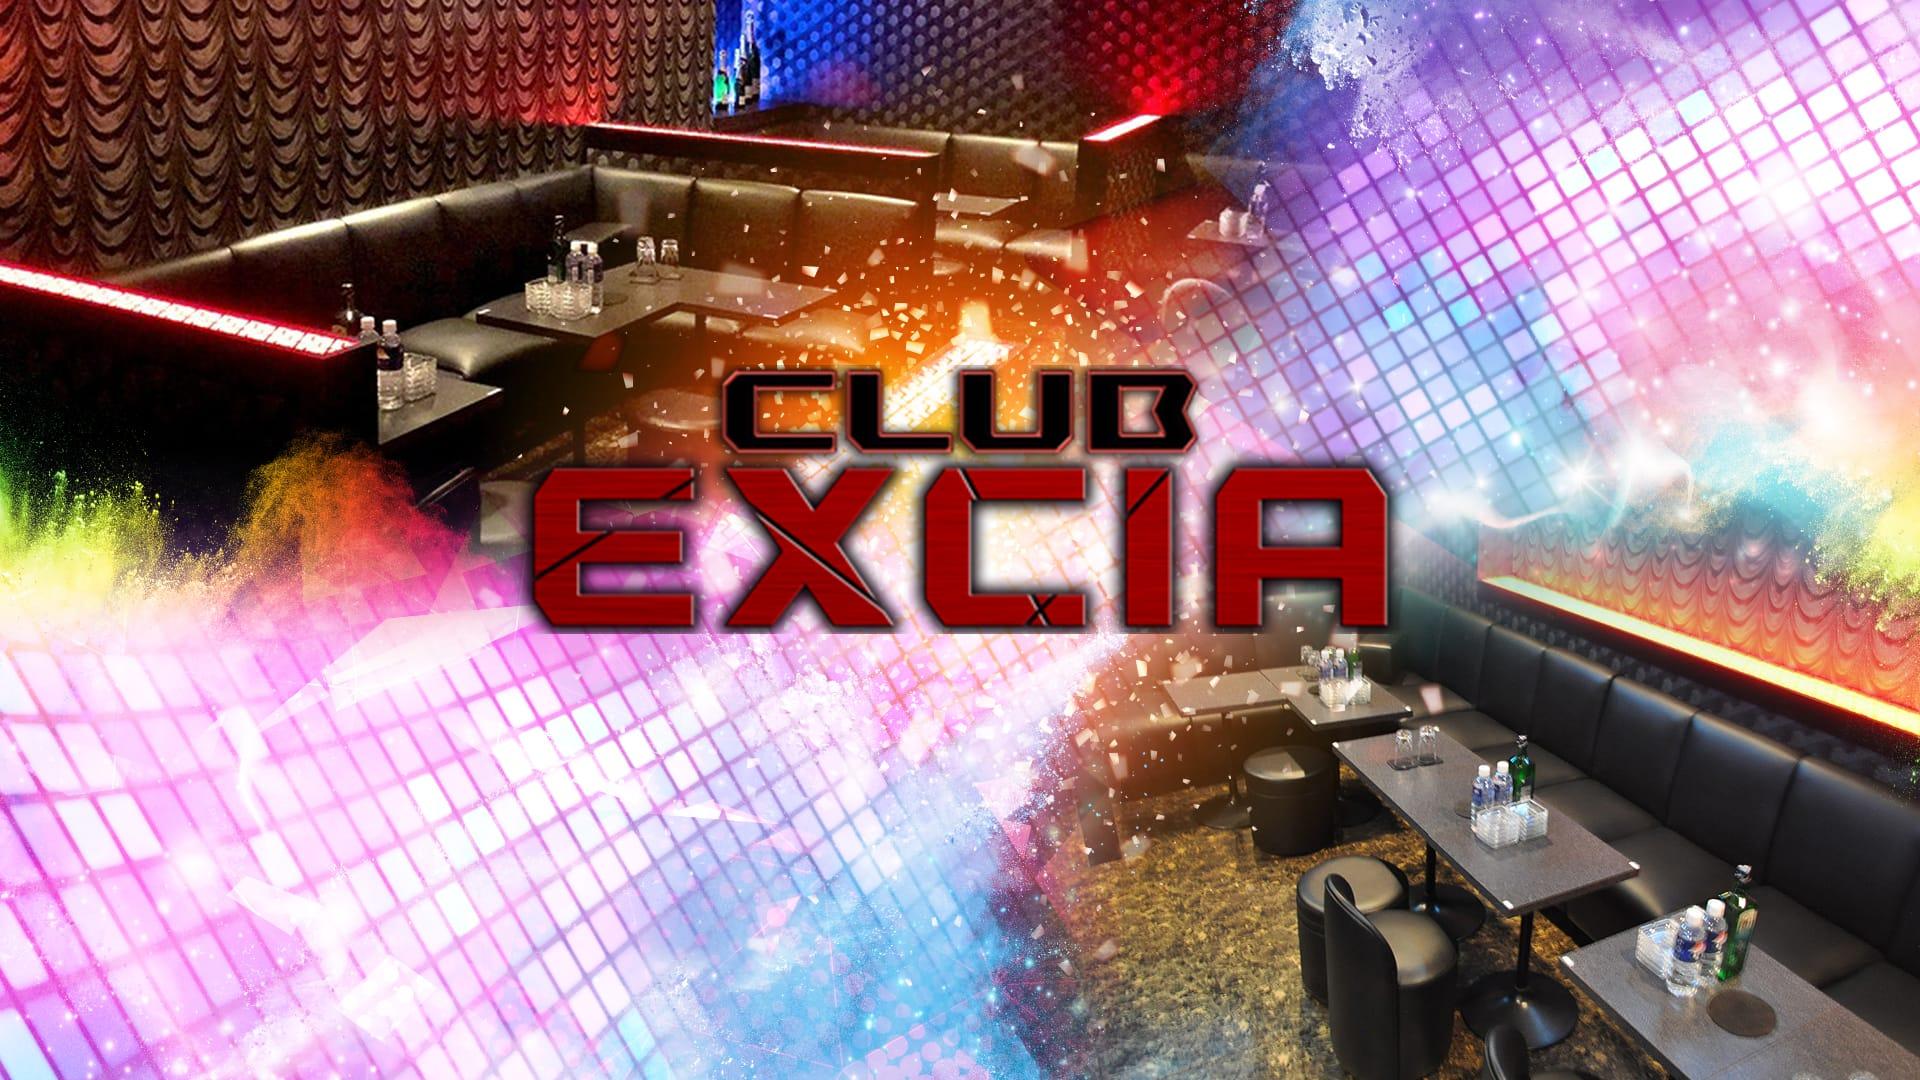 CLUB EXCIA~エクシア~ 五井キャバクラ TOP画像